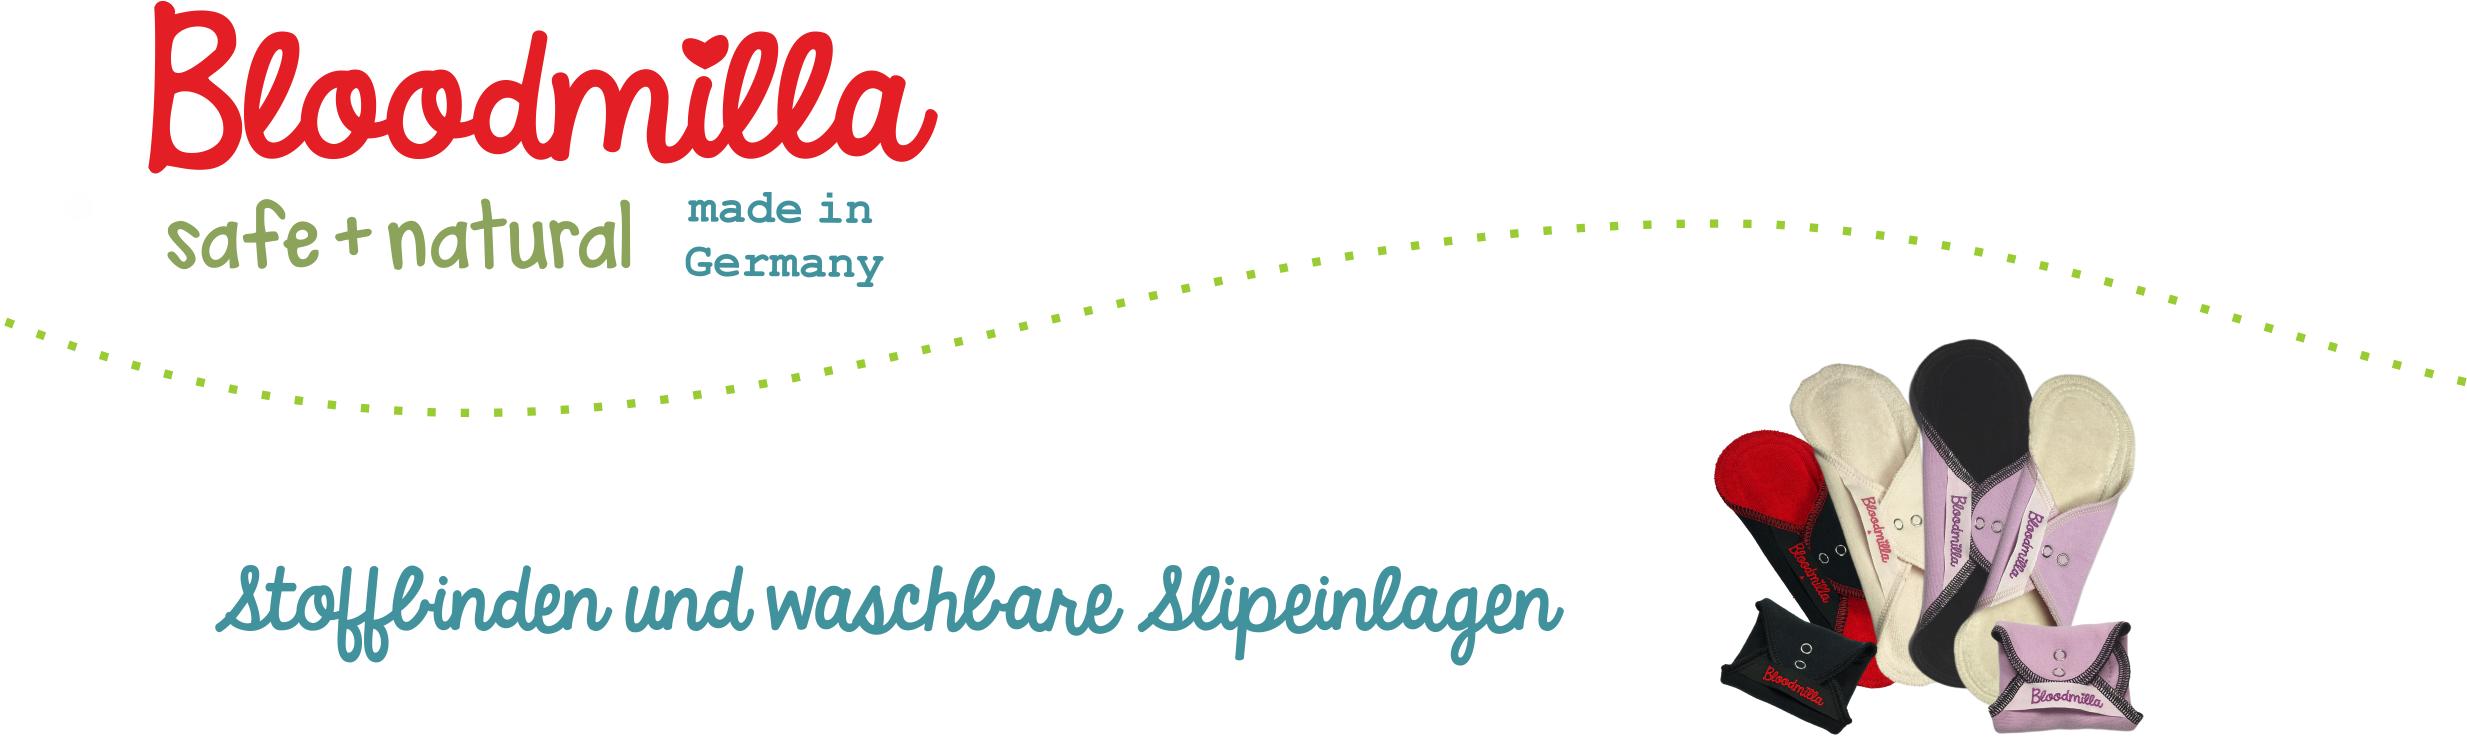 Anwendung und Pflege von Bloodmilla Stoffbinden und waschbaren Slipeinlagen